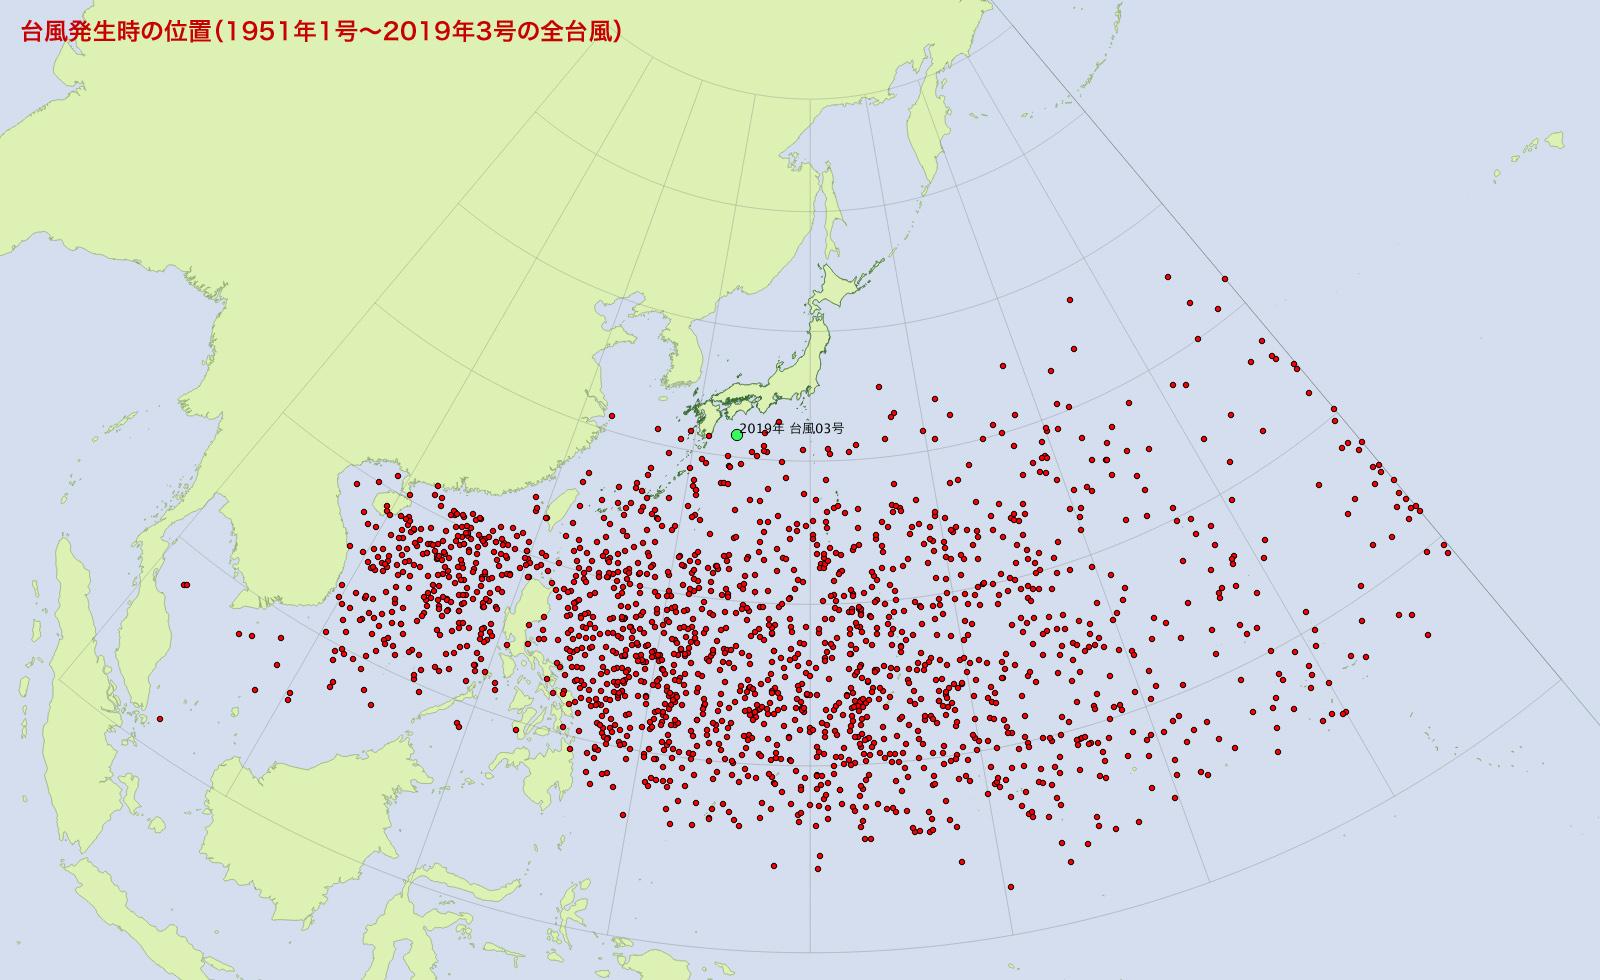 台風発生時の位置